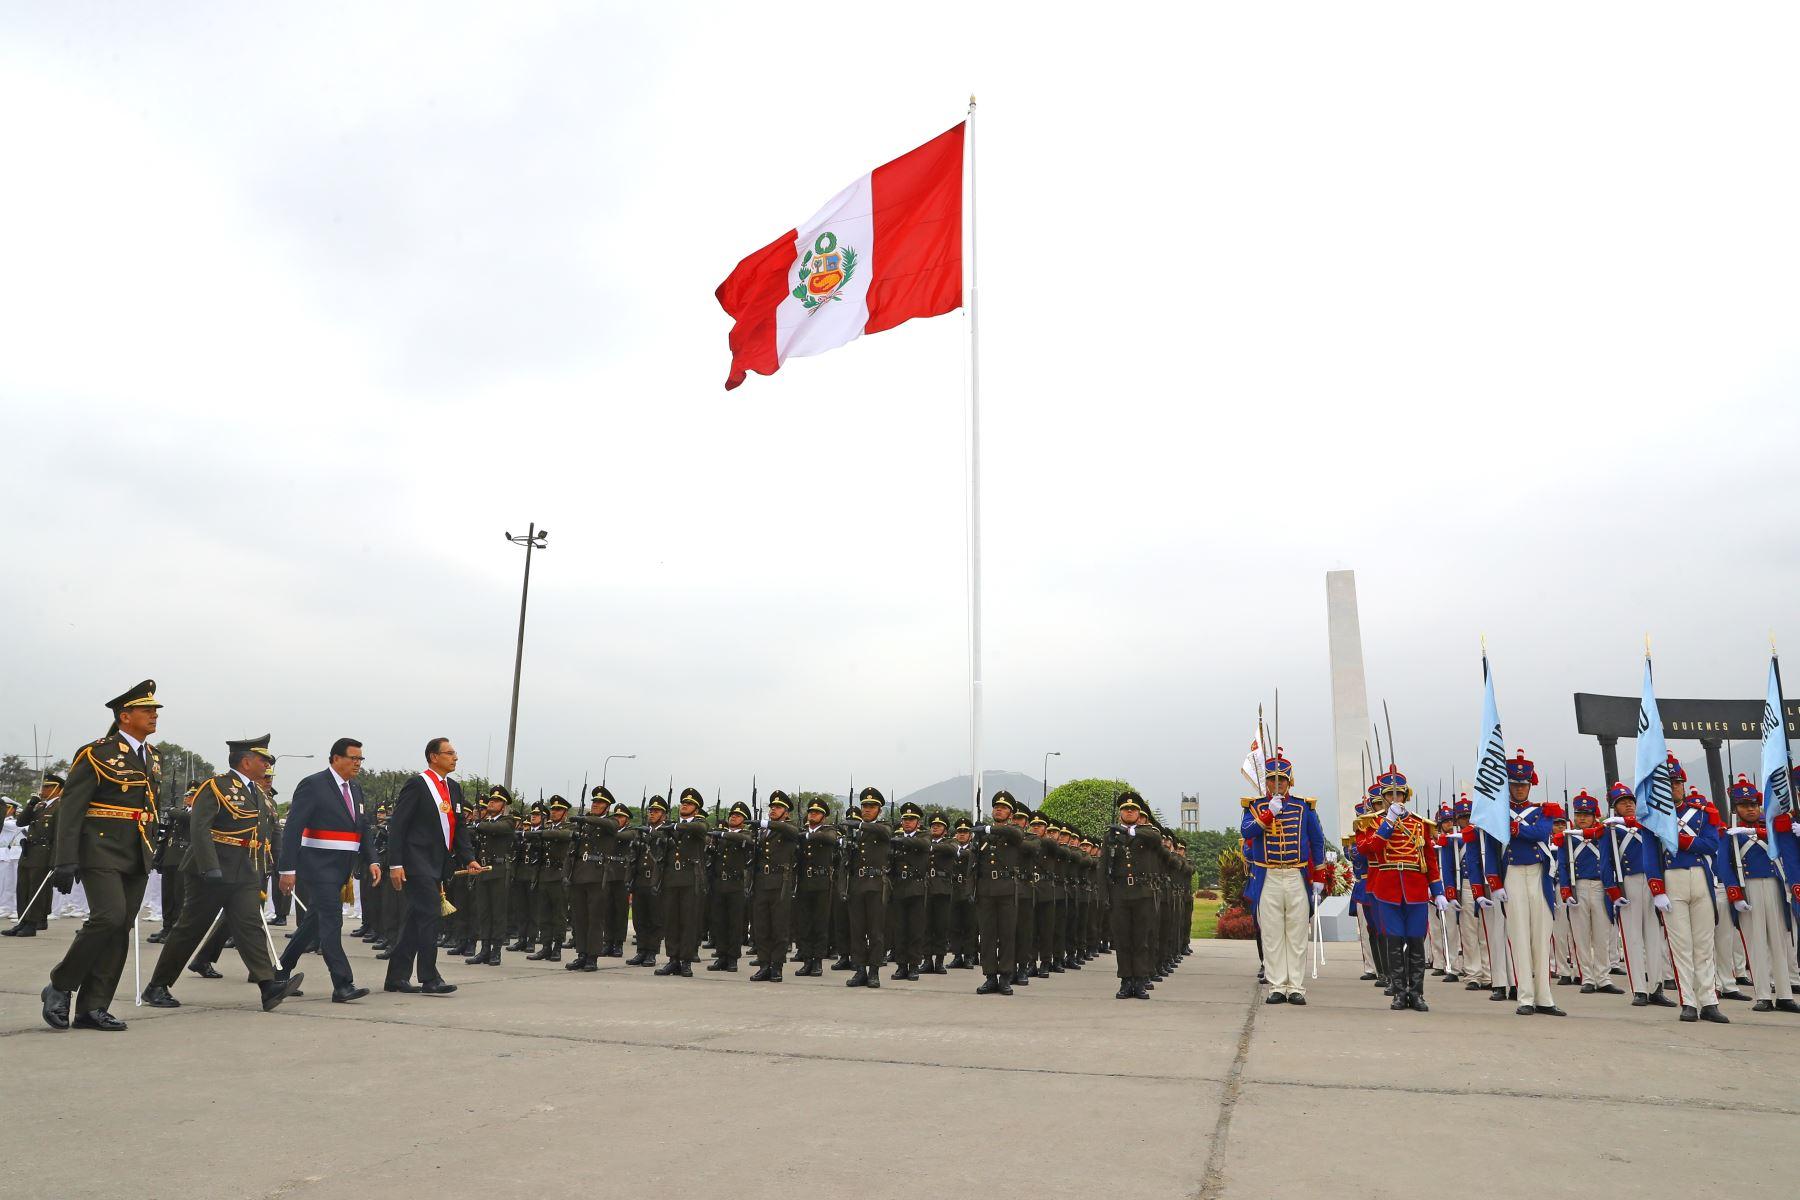 El presidente de la República, Martín Vizcarra, participa en la ceremonia central por el día del Ejército del Perú y el 194° aniversario de la batalla de Ayacucho.Foto: ANDINA/Andres Valle/Prensa Presidencia